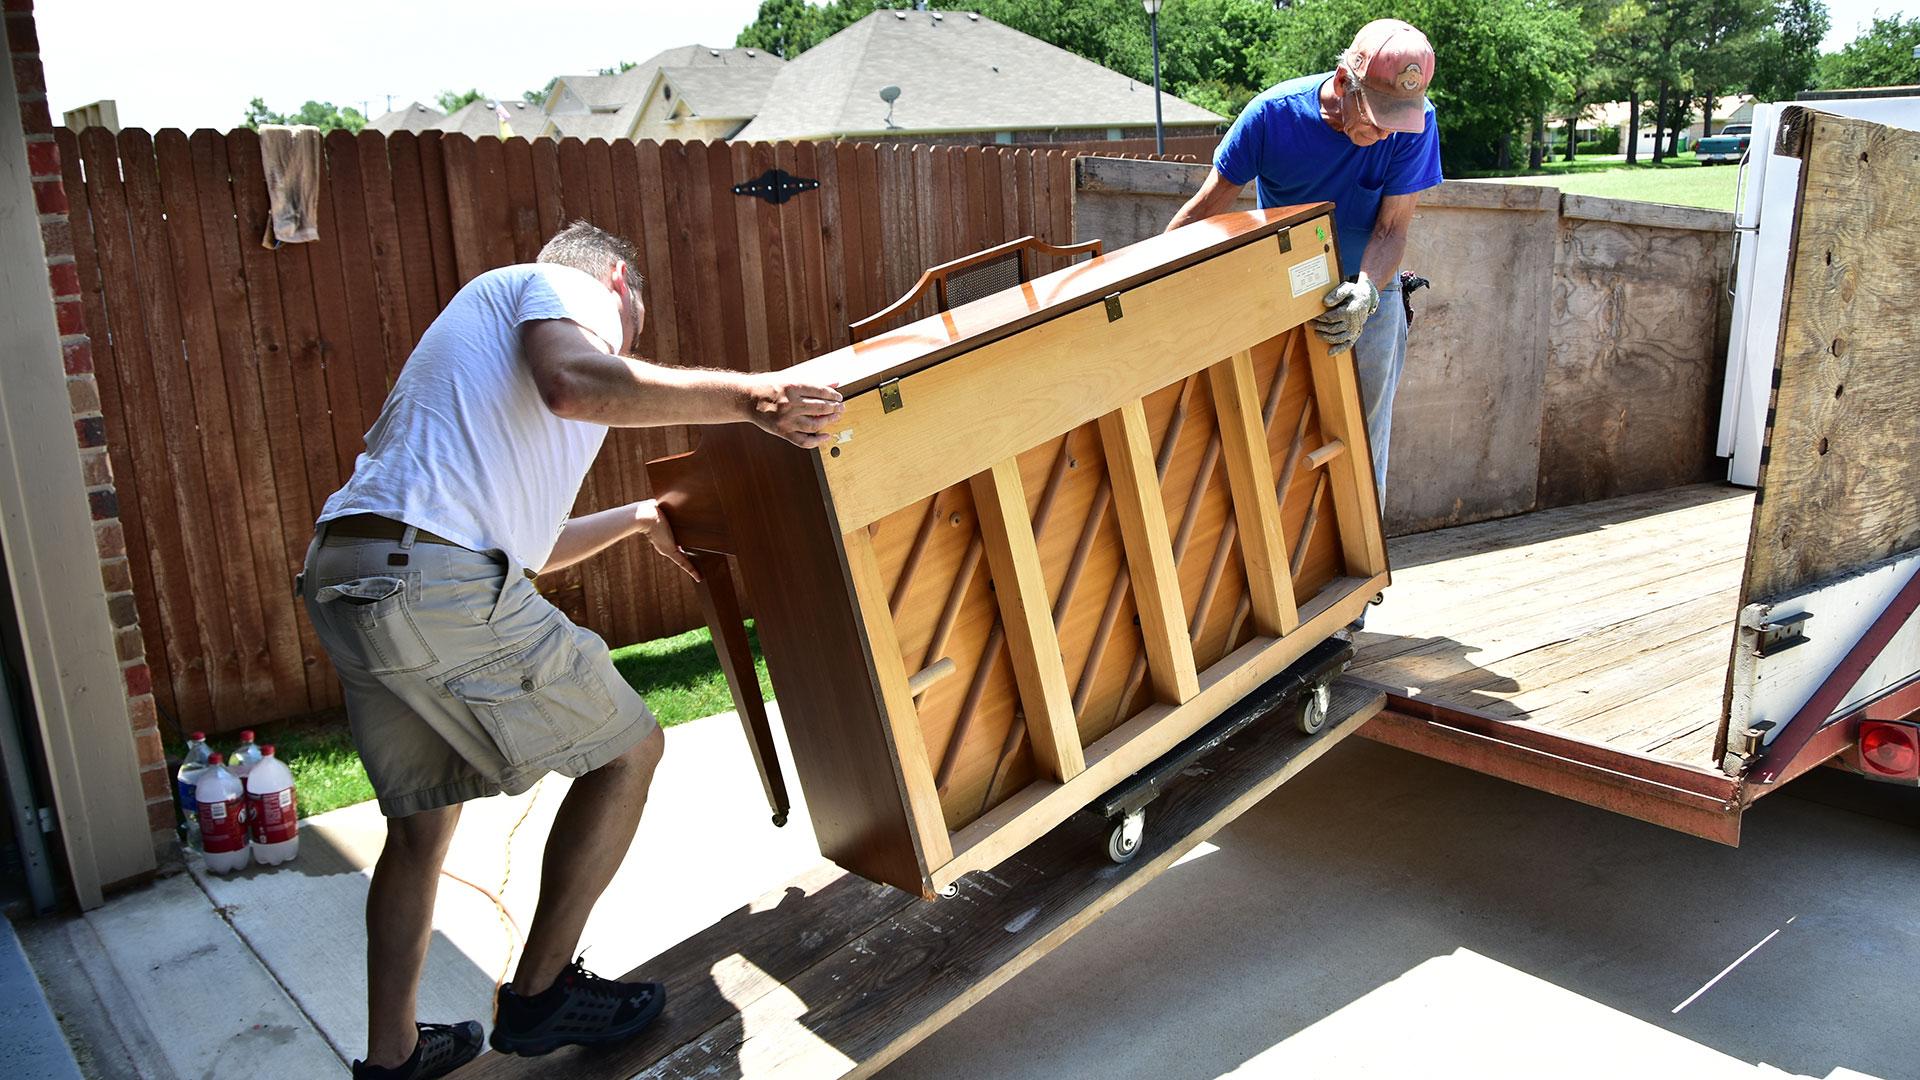 Two men pushing a piano up a ramp